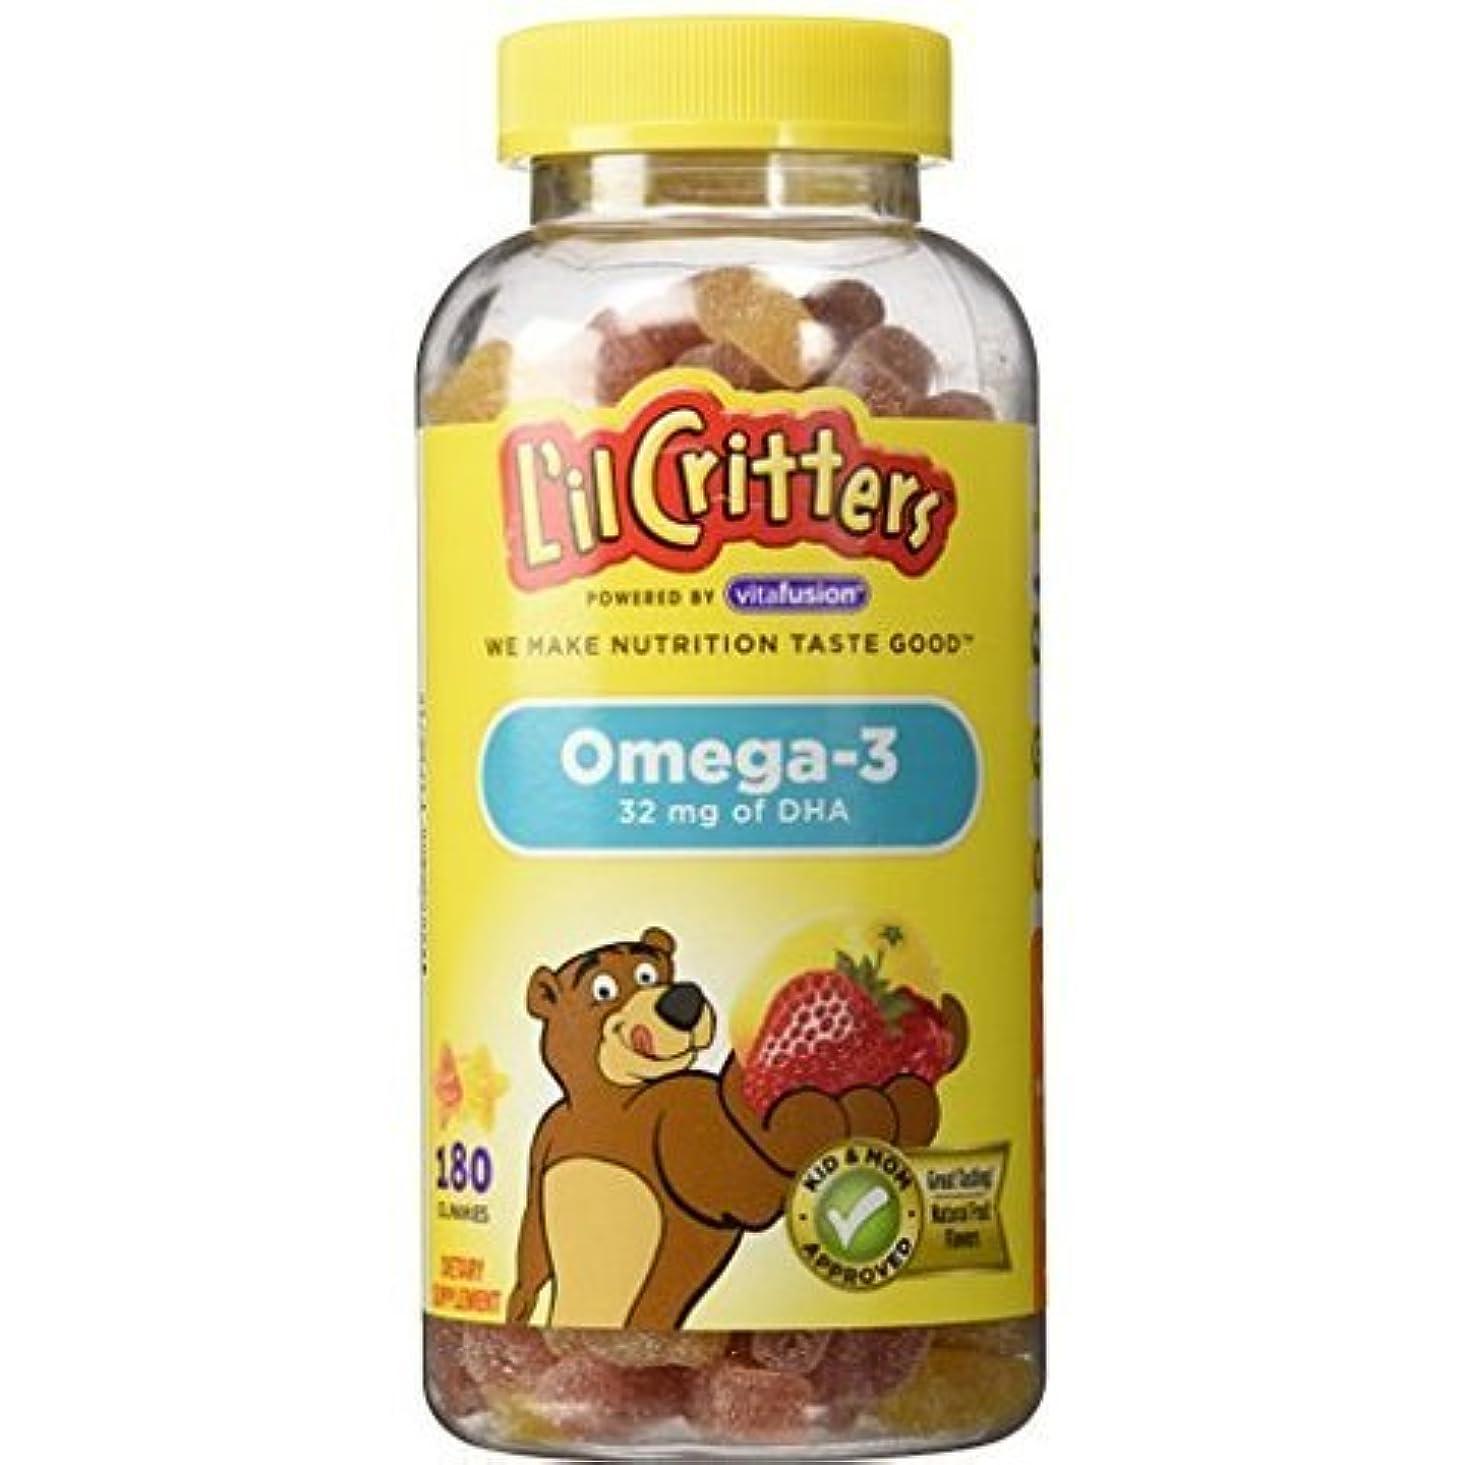 機関祝うメディックL'il Critters クルクリターズ 子供用ビタミングミ オメガ3 DHA 180粒 [並行輸入品]